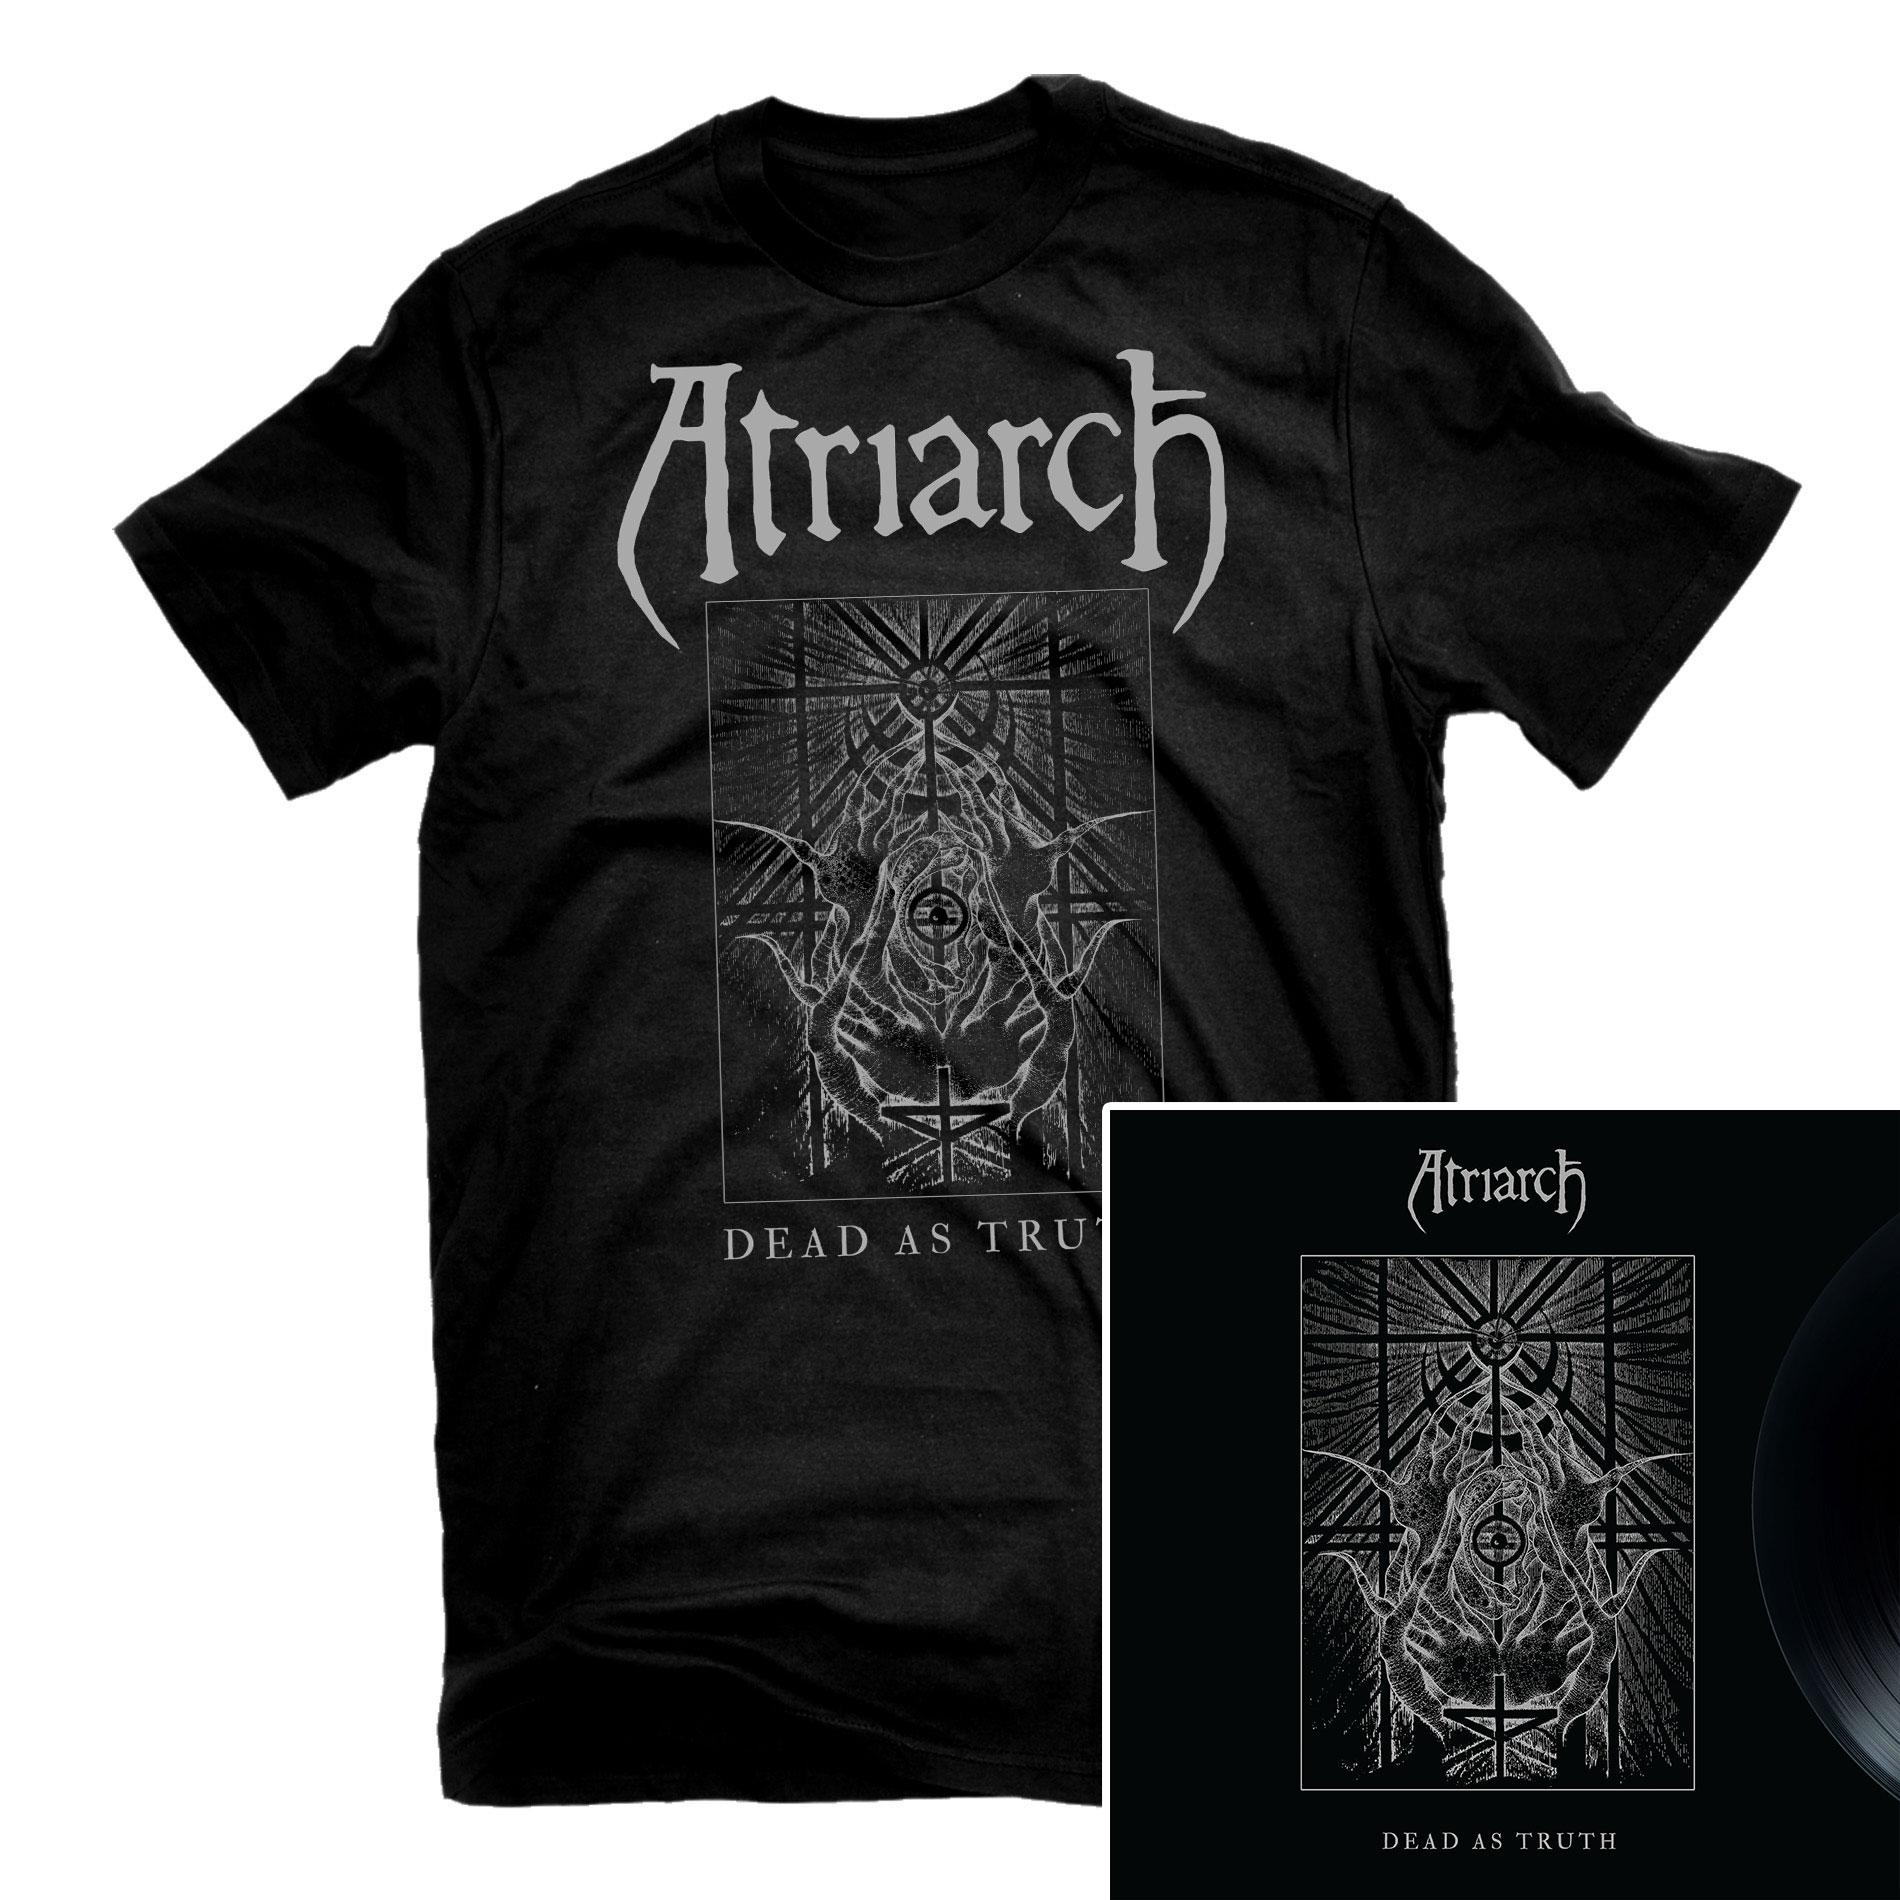 Dead as Truth T Shirt + LP Bundle